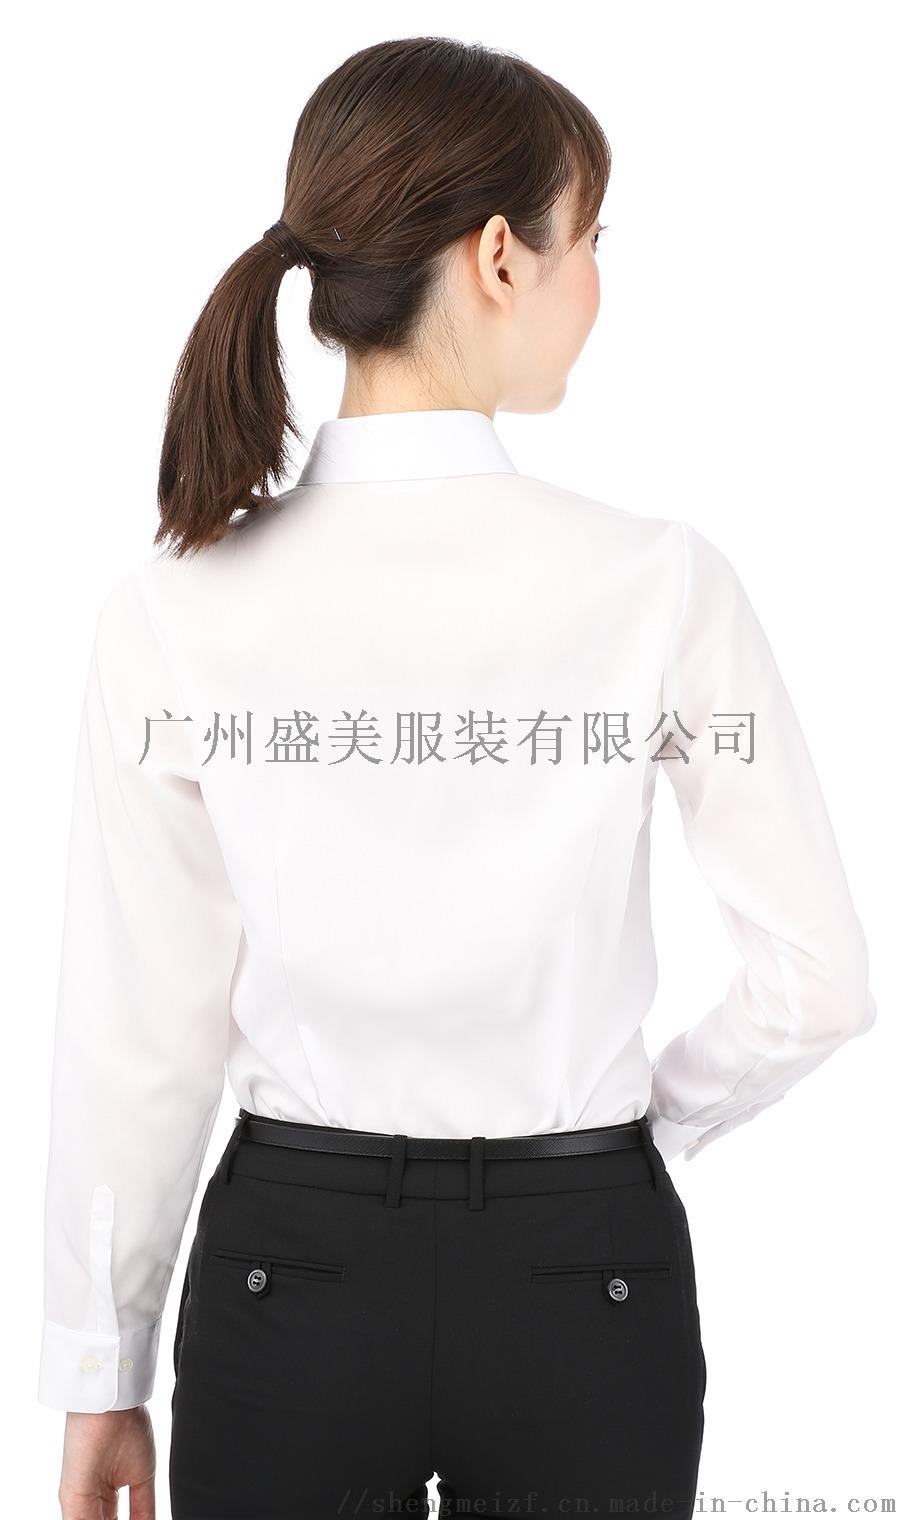 番禺区衬衫定做,钟村员工衬衣定制,绣字衬衫订做60847942